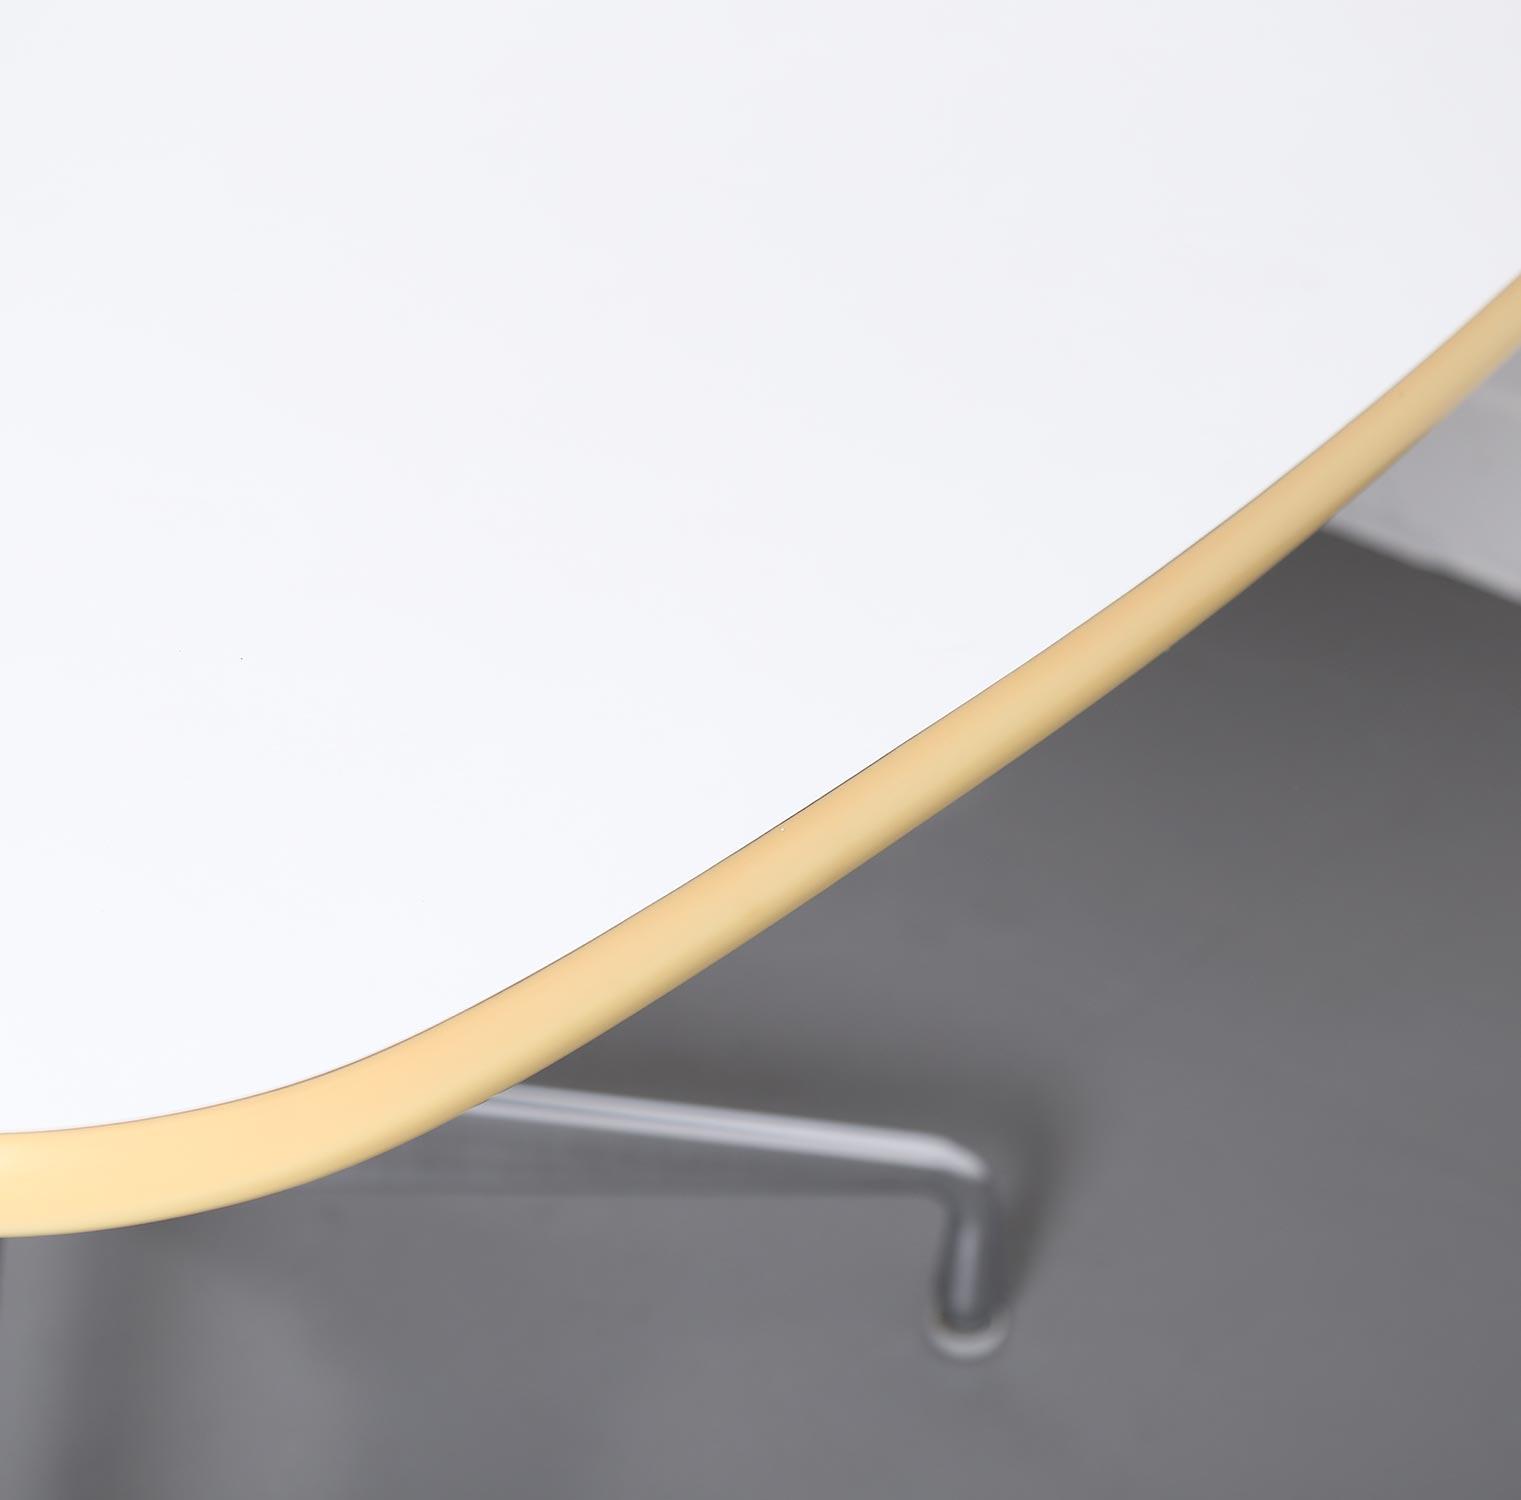 charles eames conference table segmented herman miller vitra konferenztisch vintage gebraucht 12. Black Bedroom Furniture Sets. Home Design Ideas